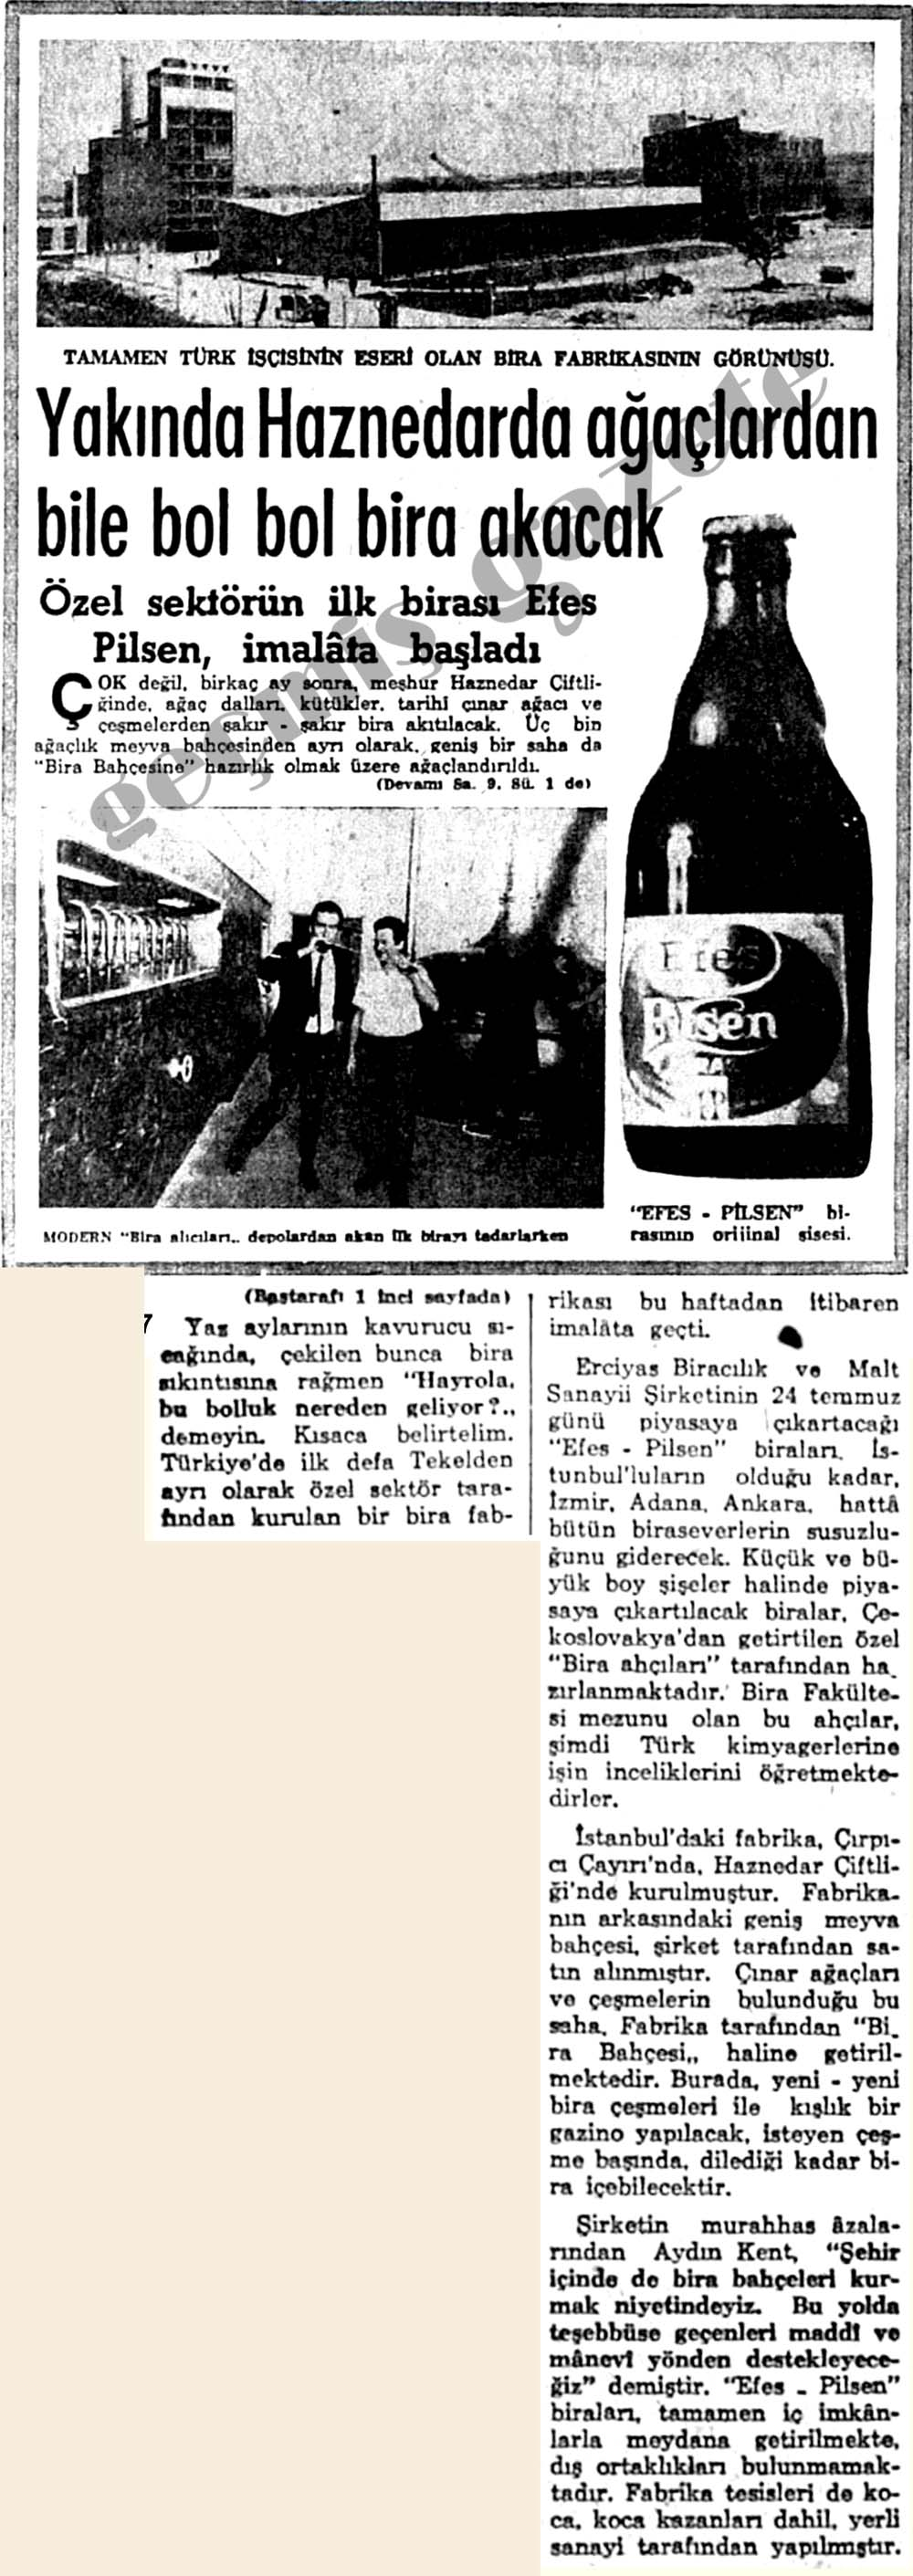 Özel sektörün ilk birası Efes Pilsen, imalata başladı